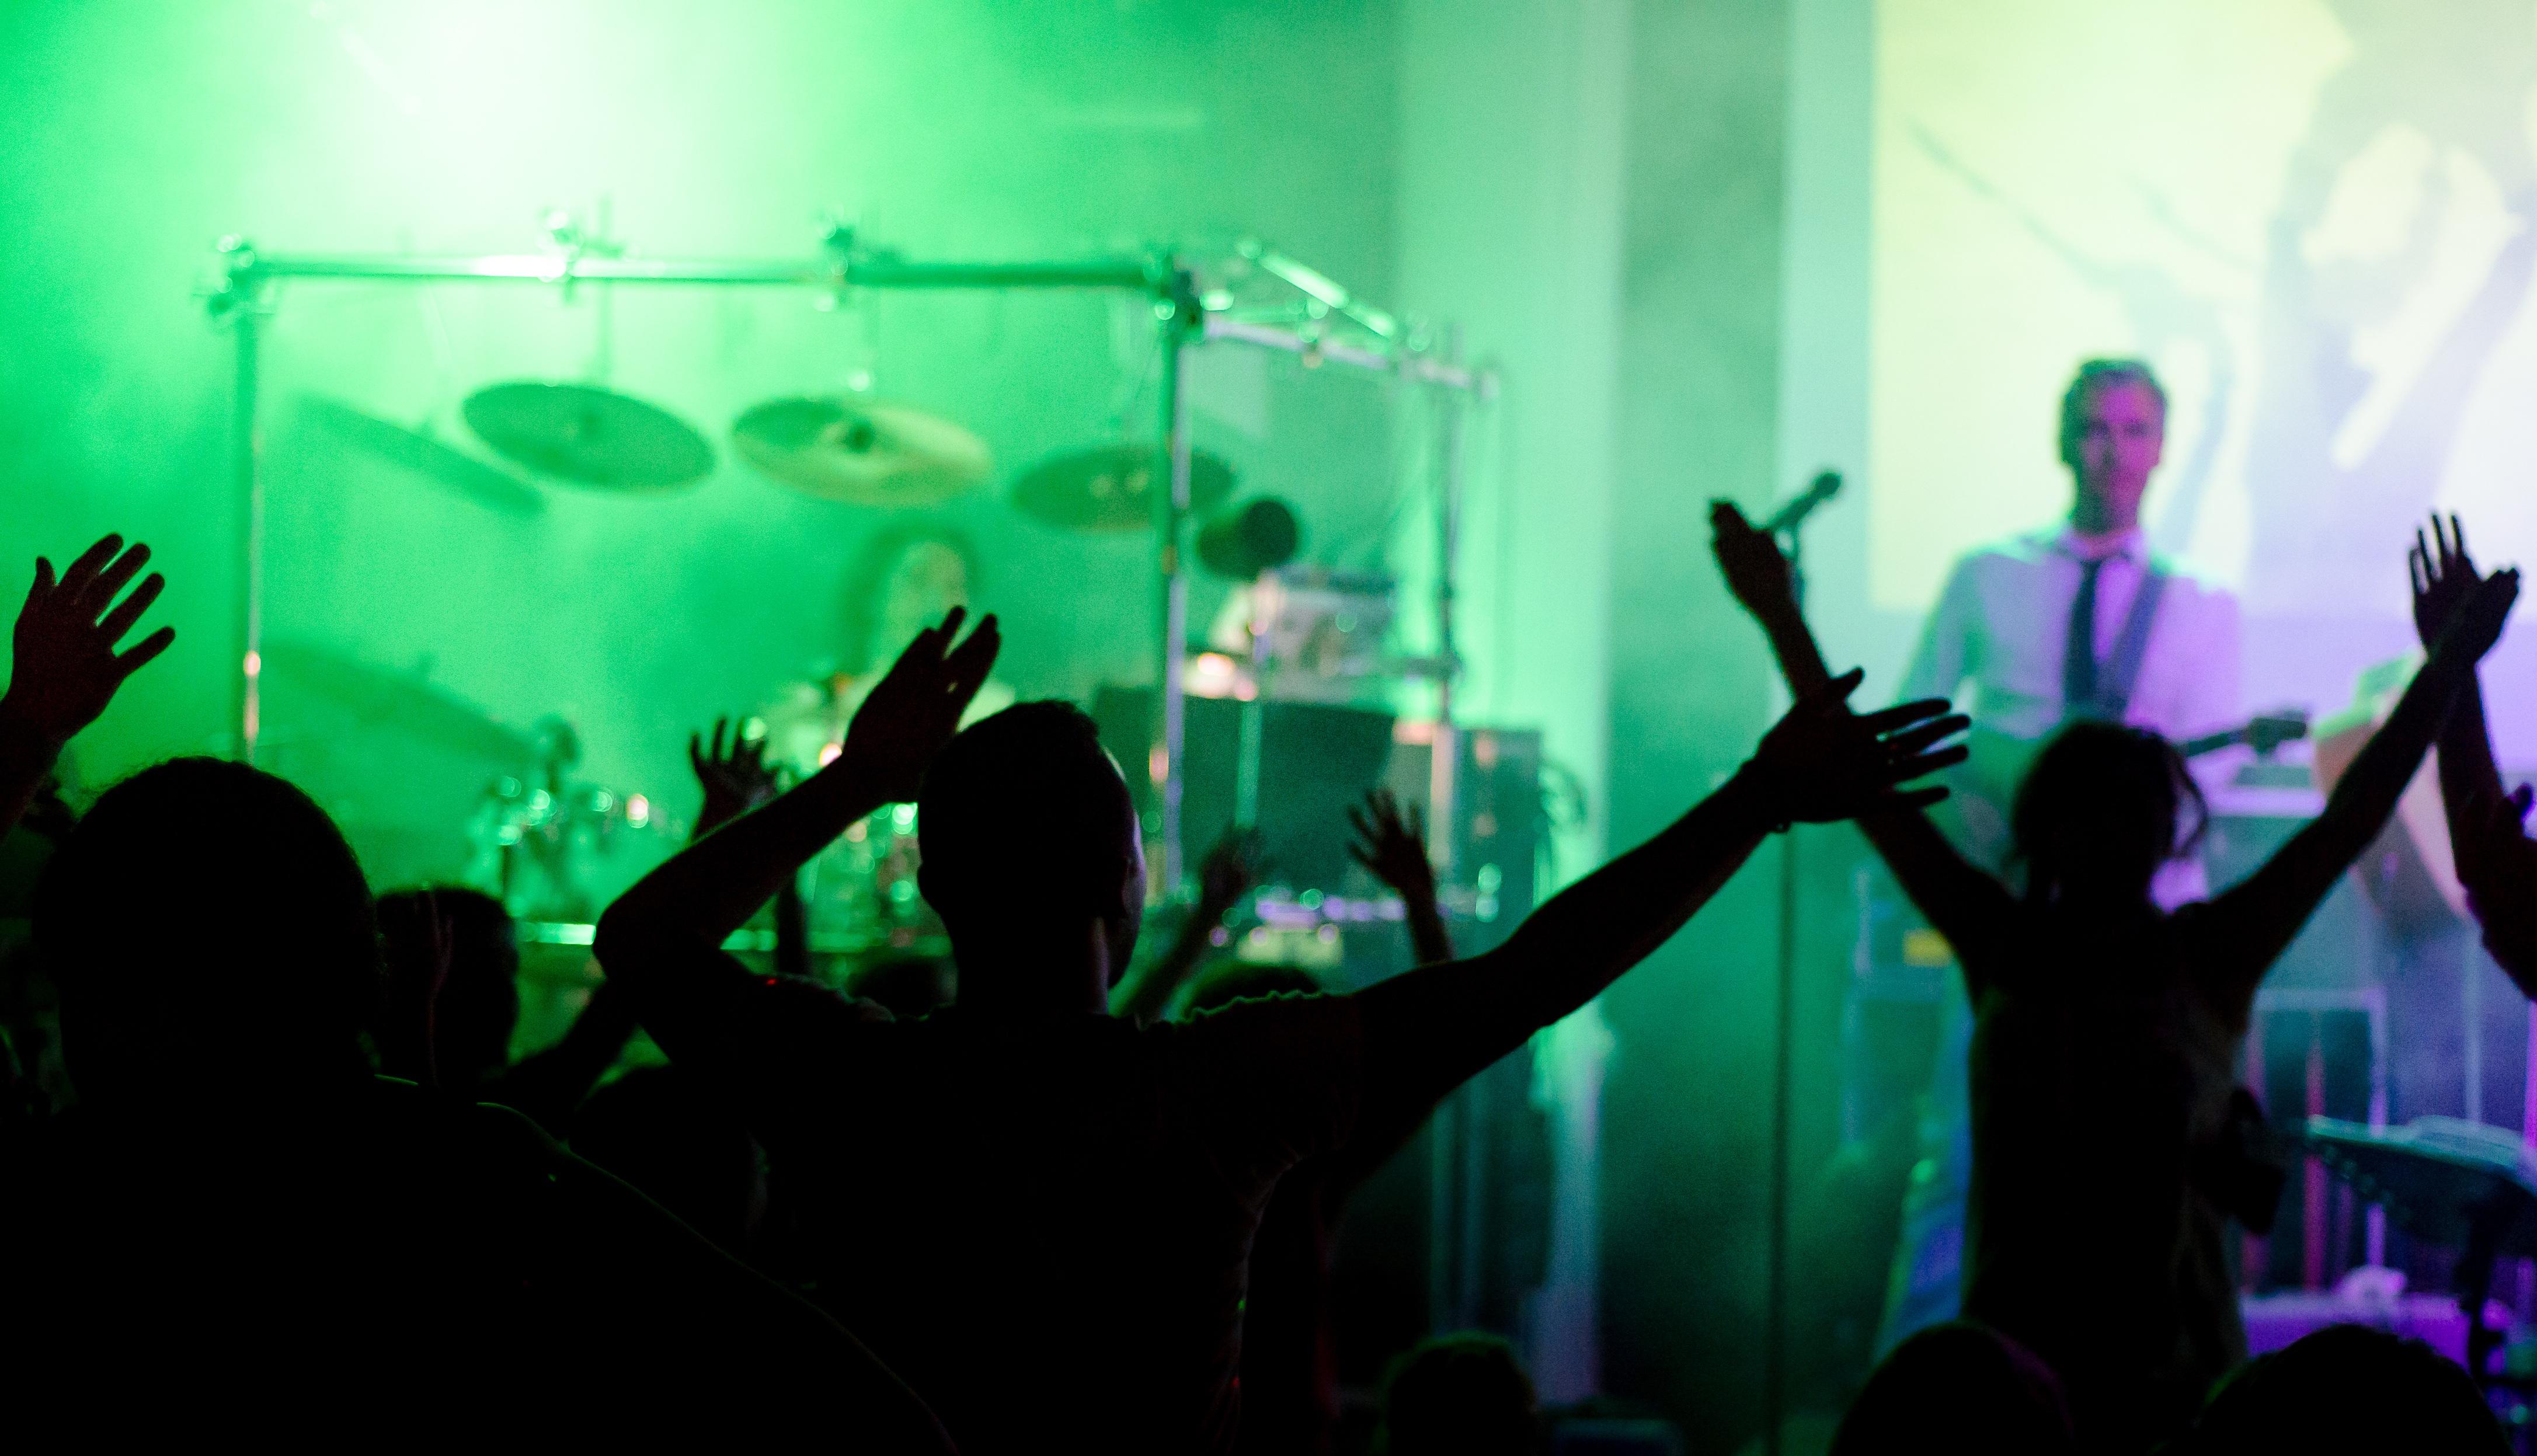 concert-882169